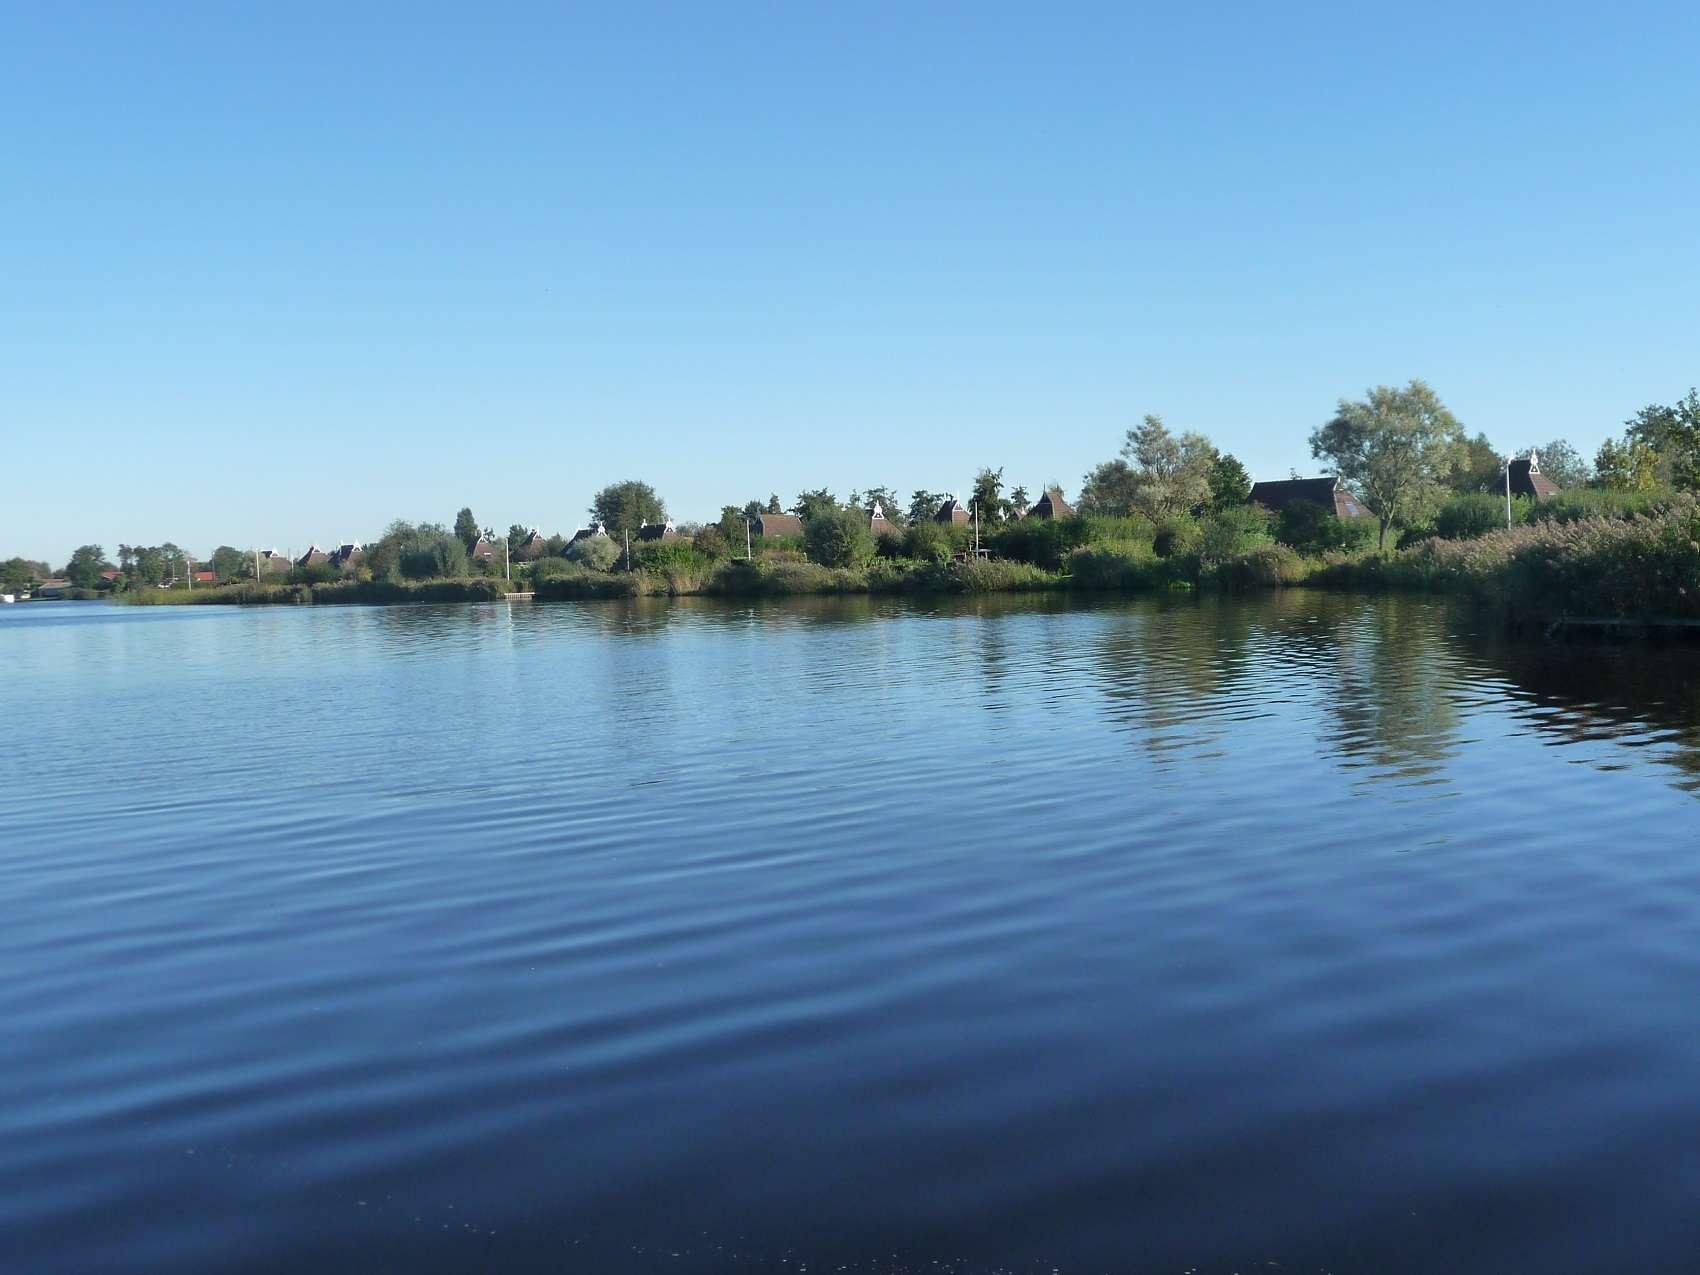 Vakantiehuis huren tijden de Herfstvakantie in Friesland